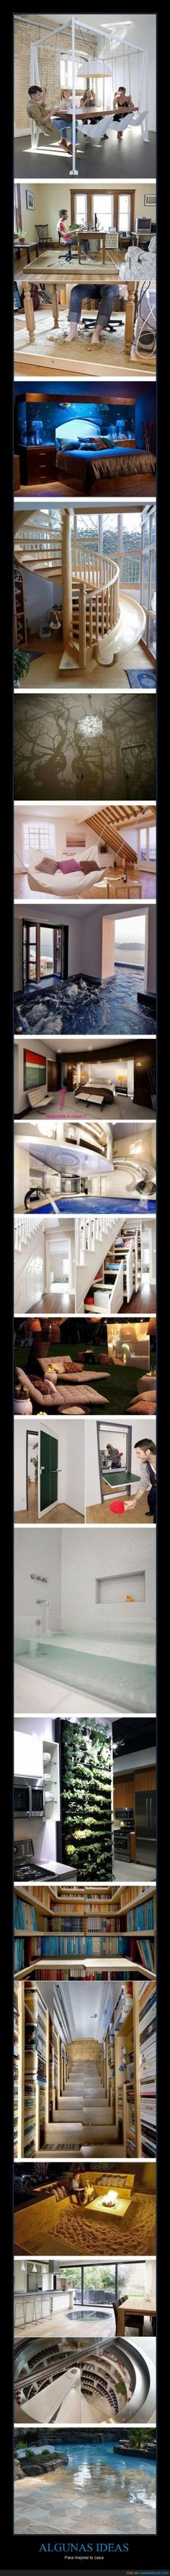 ALGUNAS IDEAS - Para mejorar tu casa